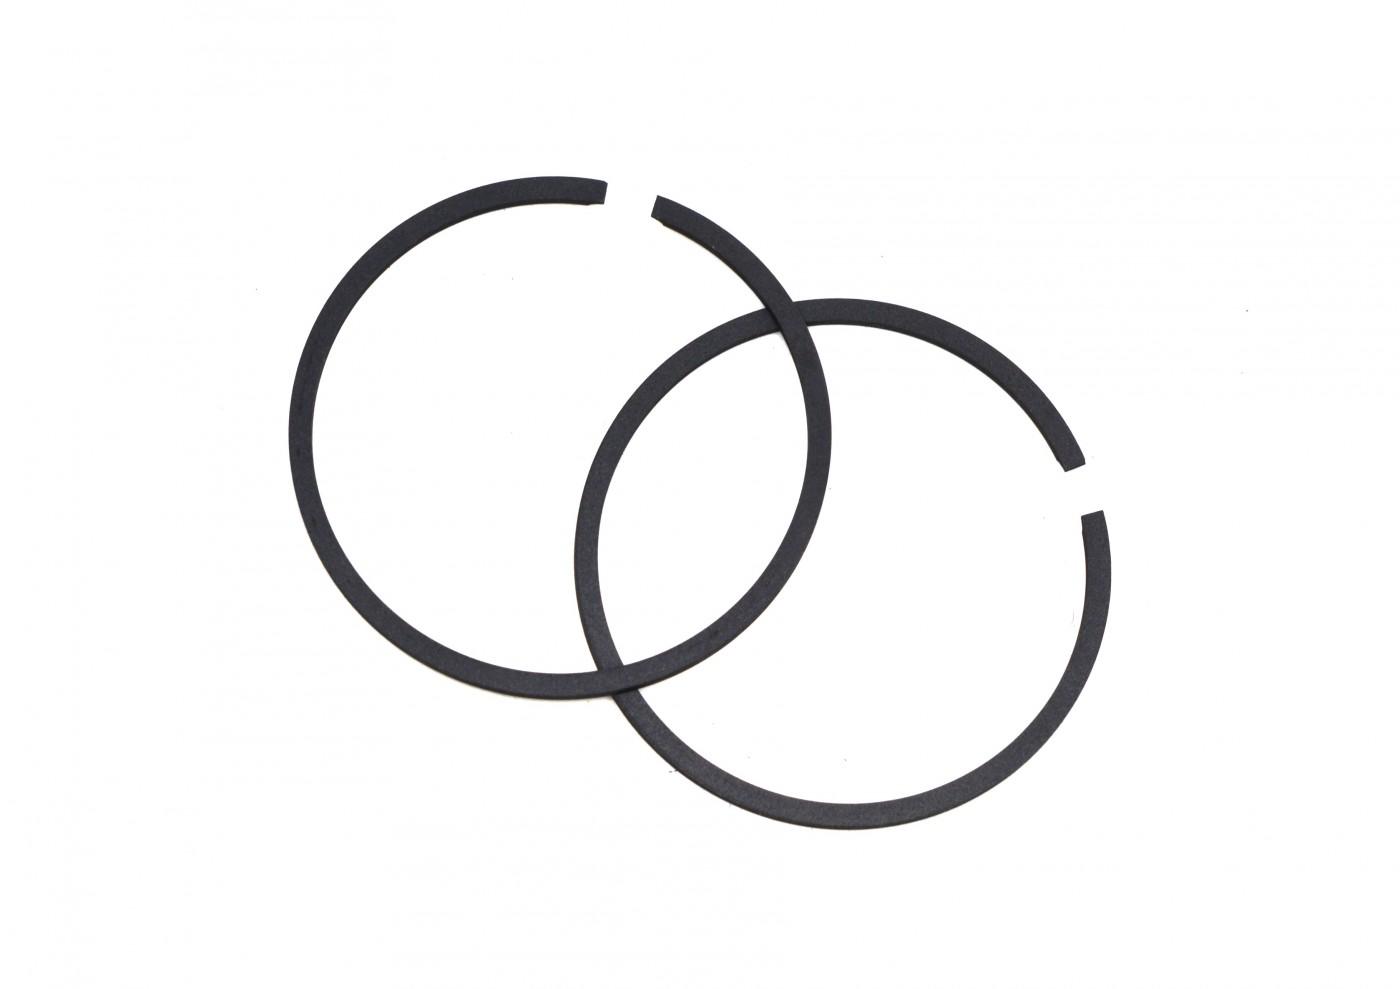 Súprava piestnych krúžkov - 35 mm